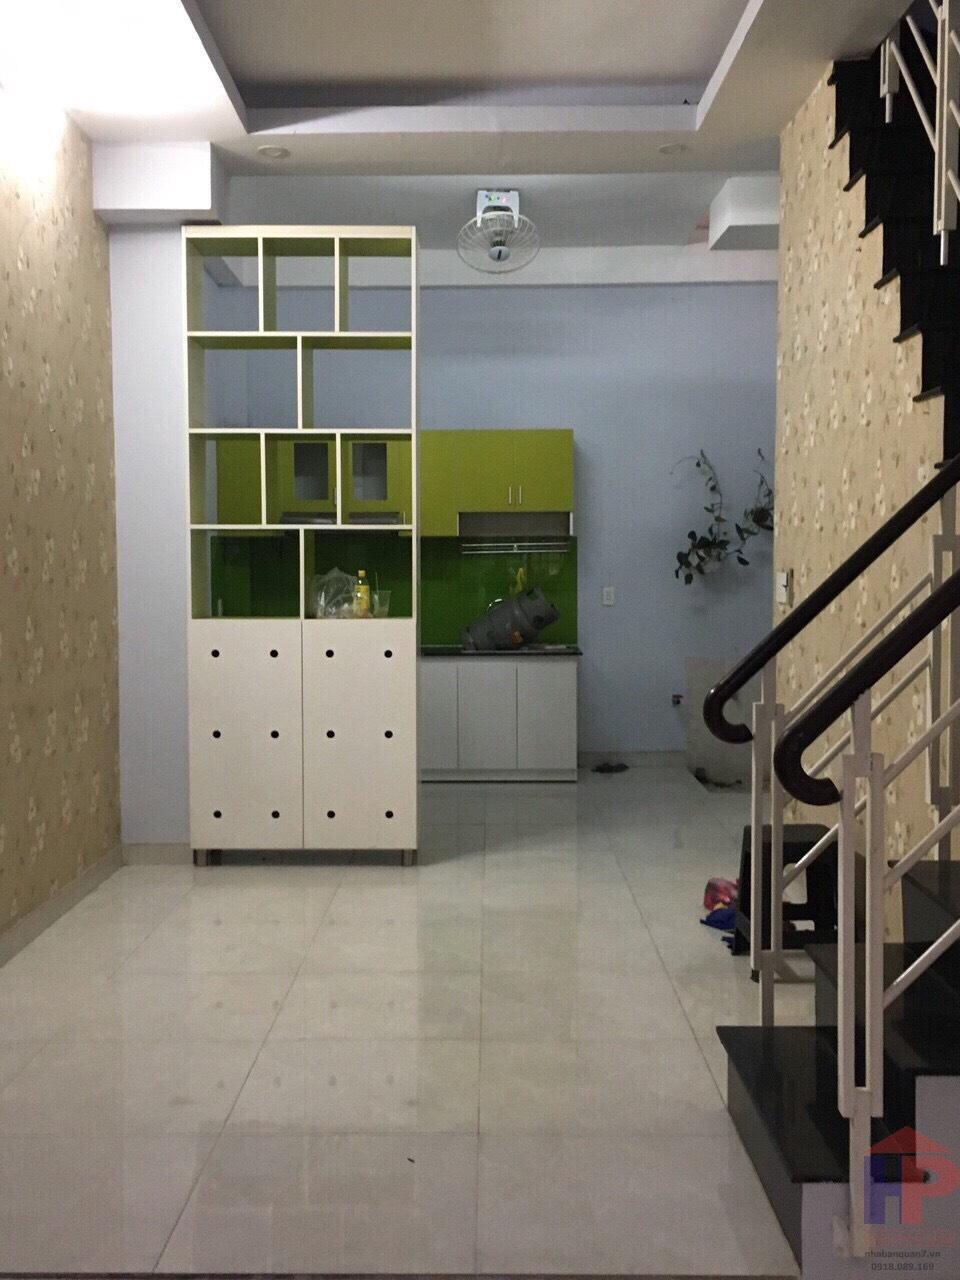 Bán nhà 1041 Trần Xuân Soạn Quận 7, trệt – 1 lầu, DT 4x9m, giá 3.65 tỷ